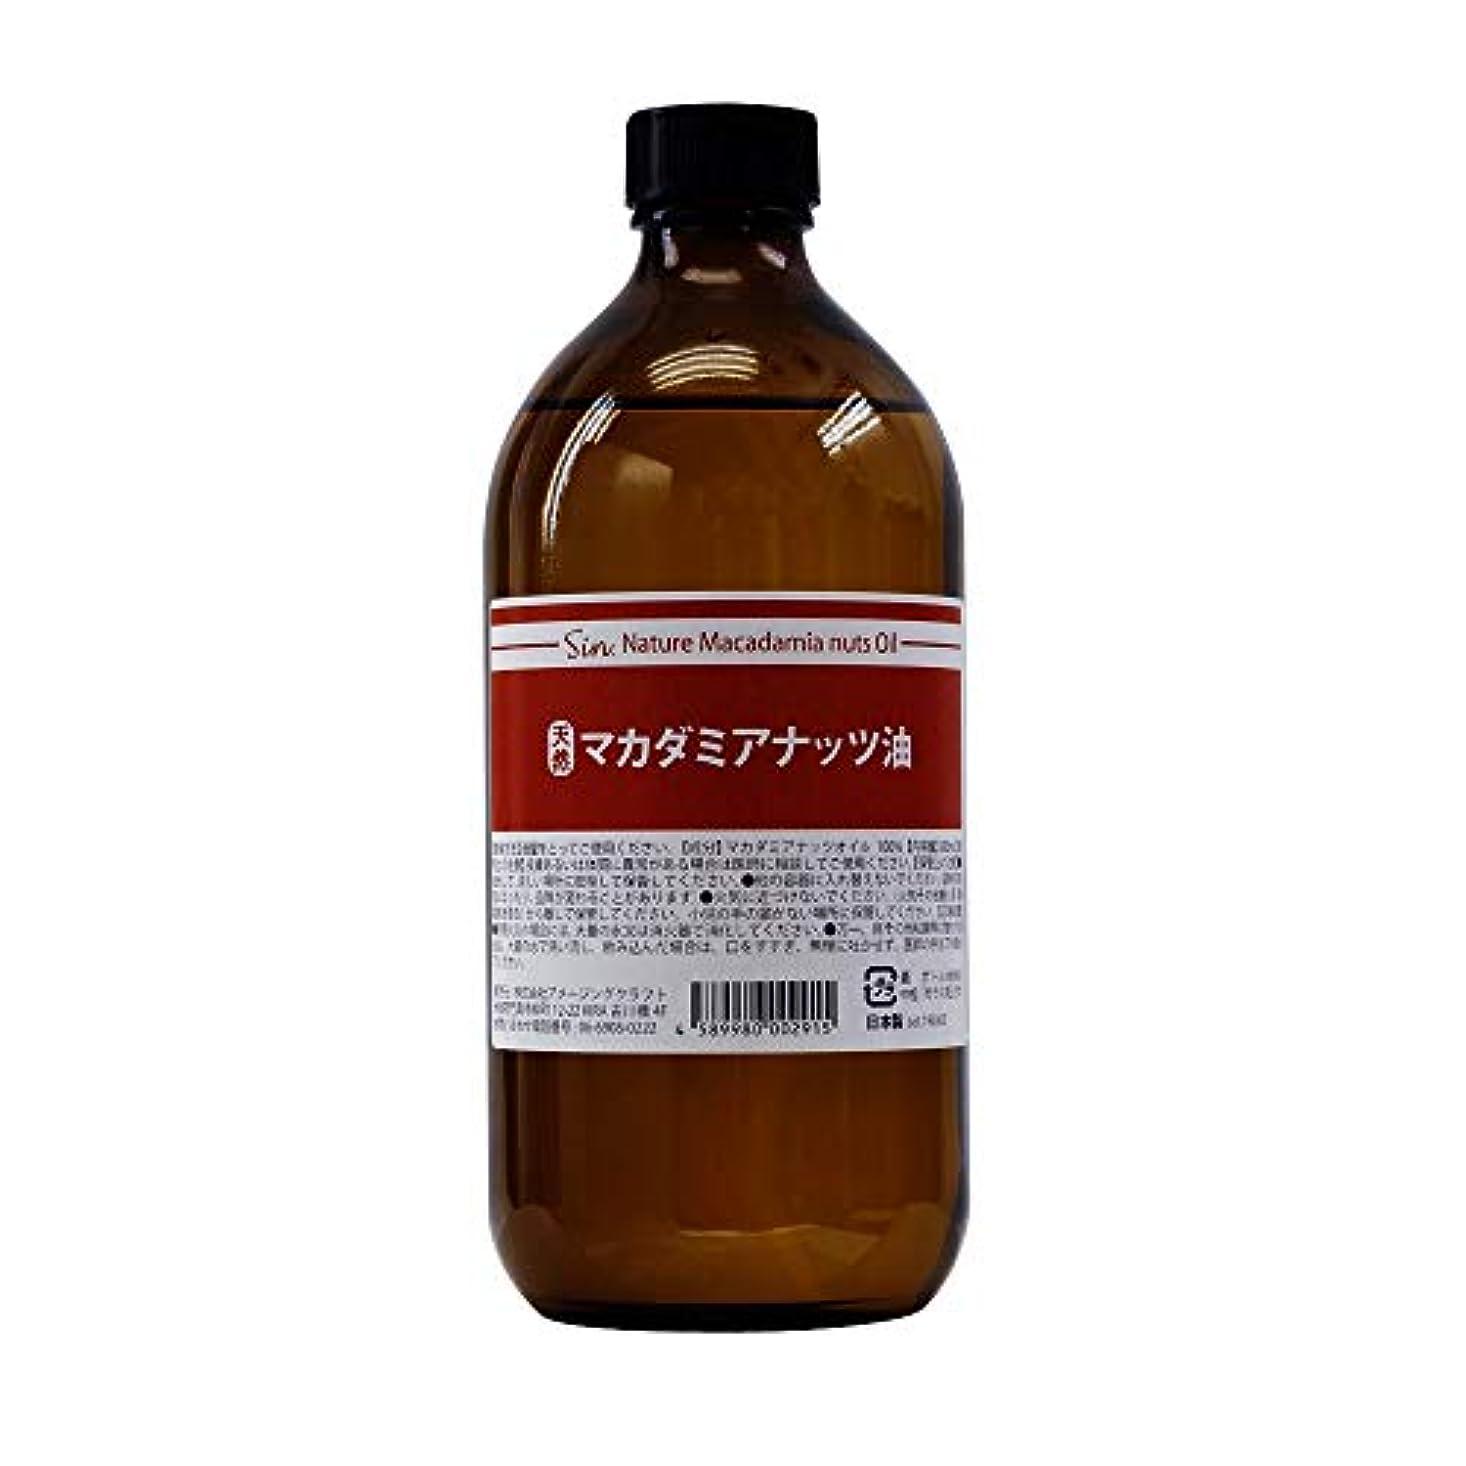 滑る事件、出来事ギネス天然無添加 国内精製 マカダミアナッツオイル 500ml